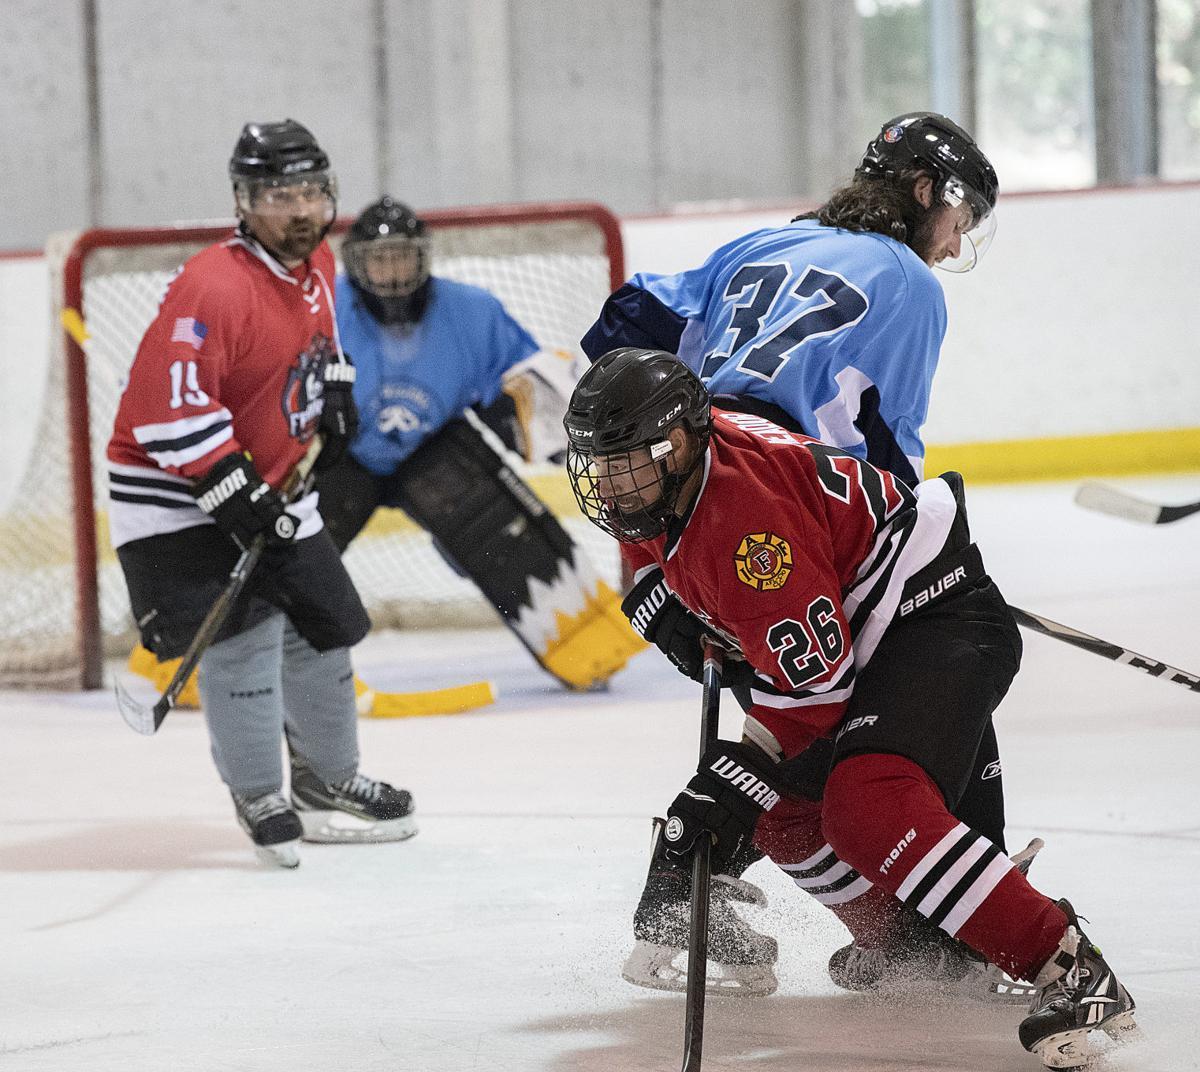 Donkey Hockey